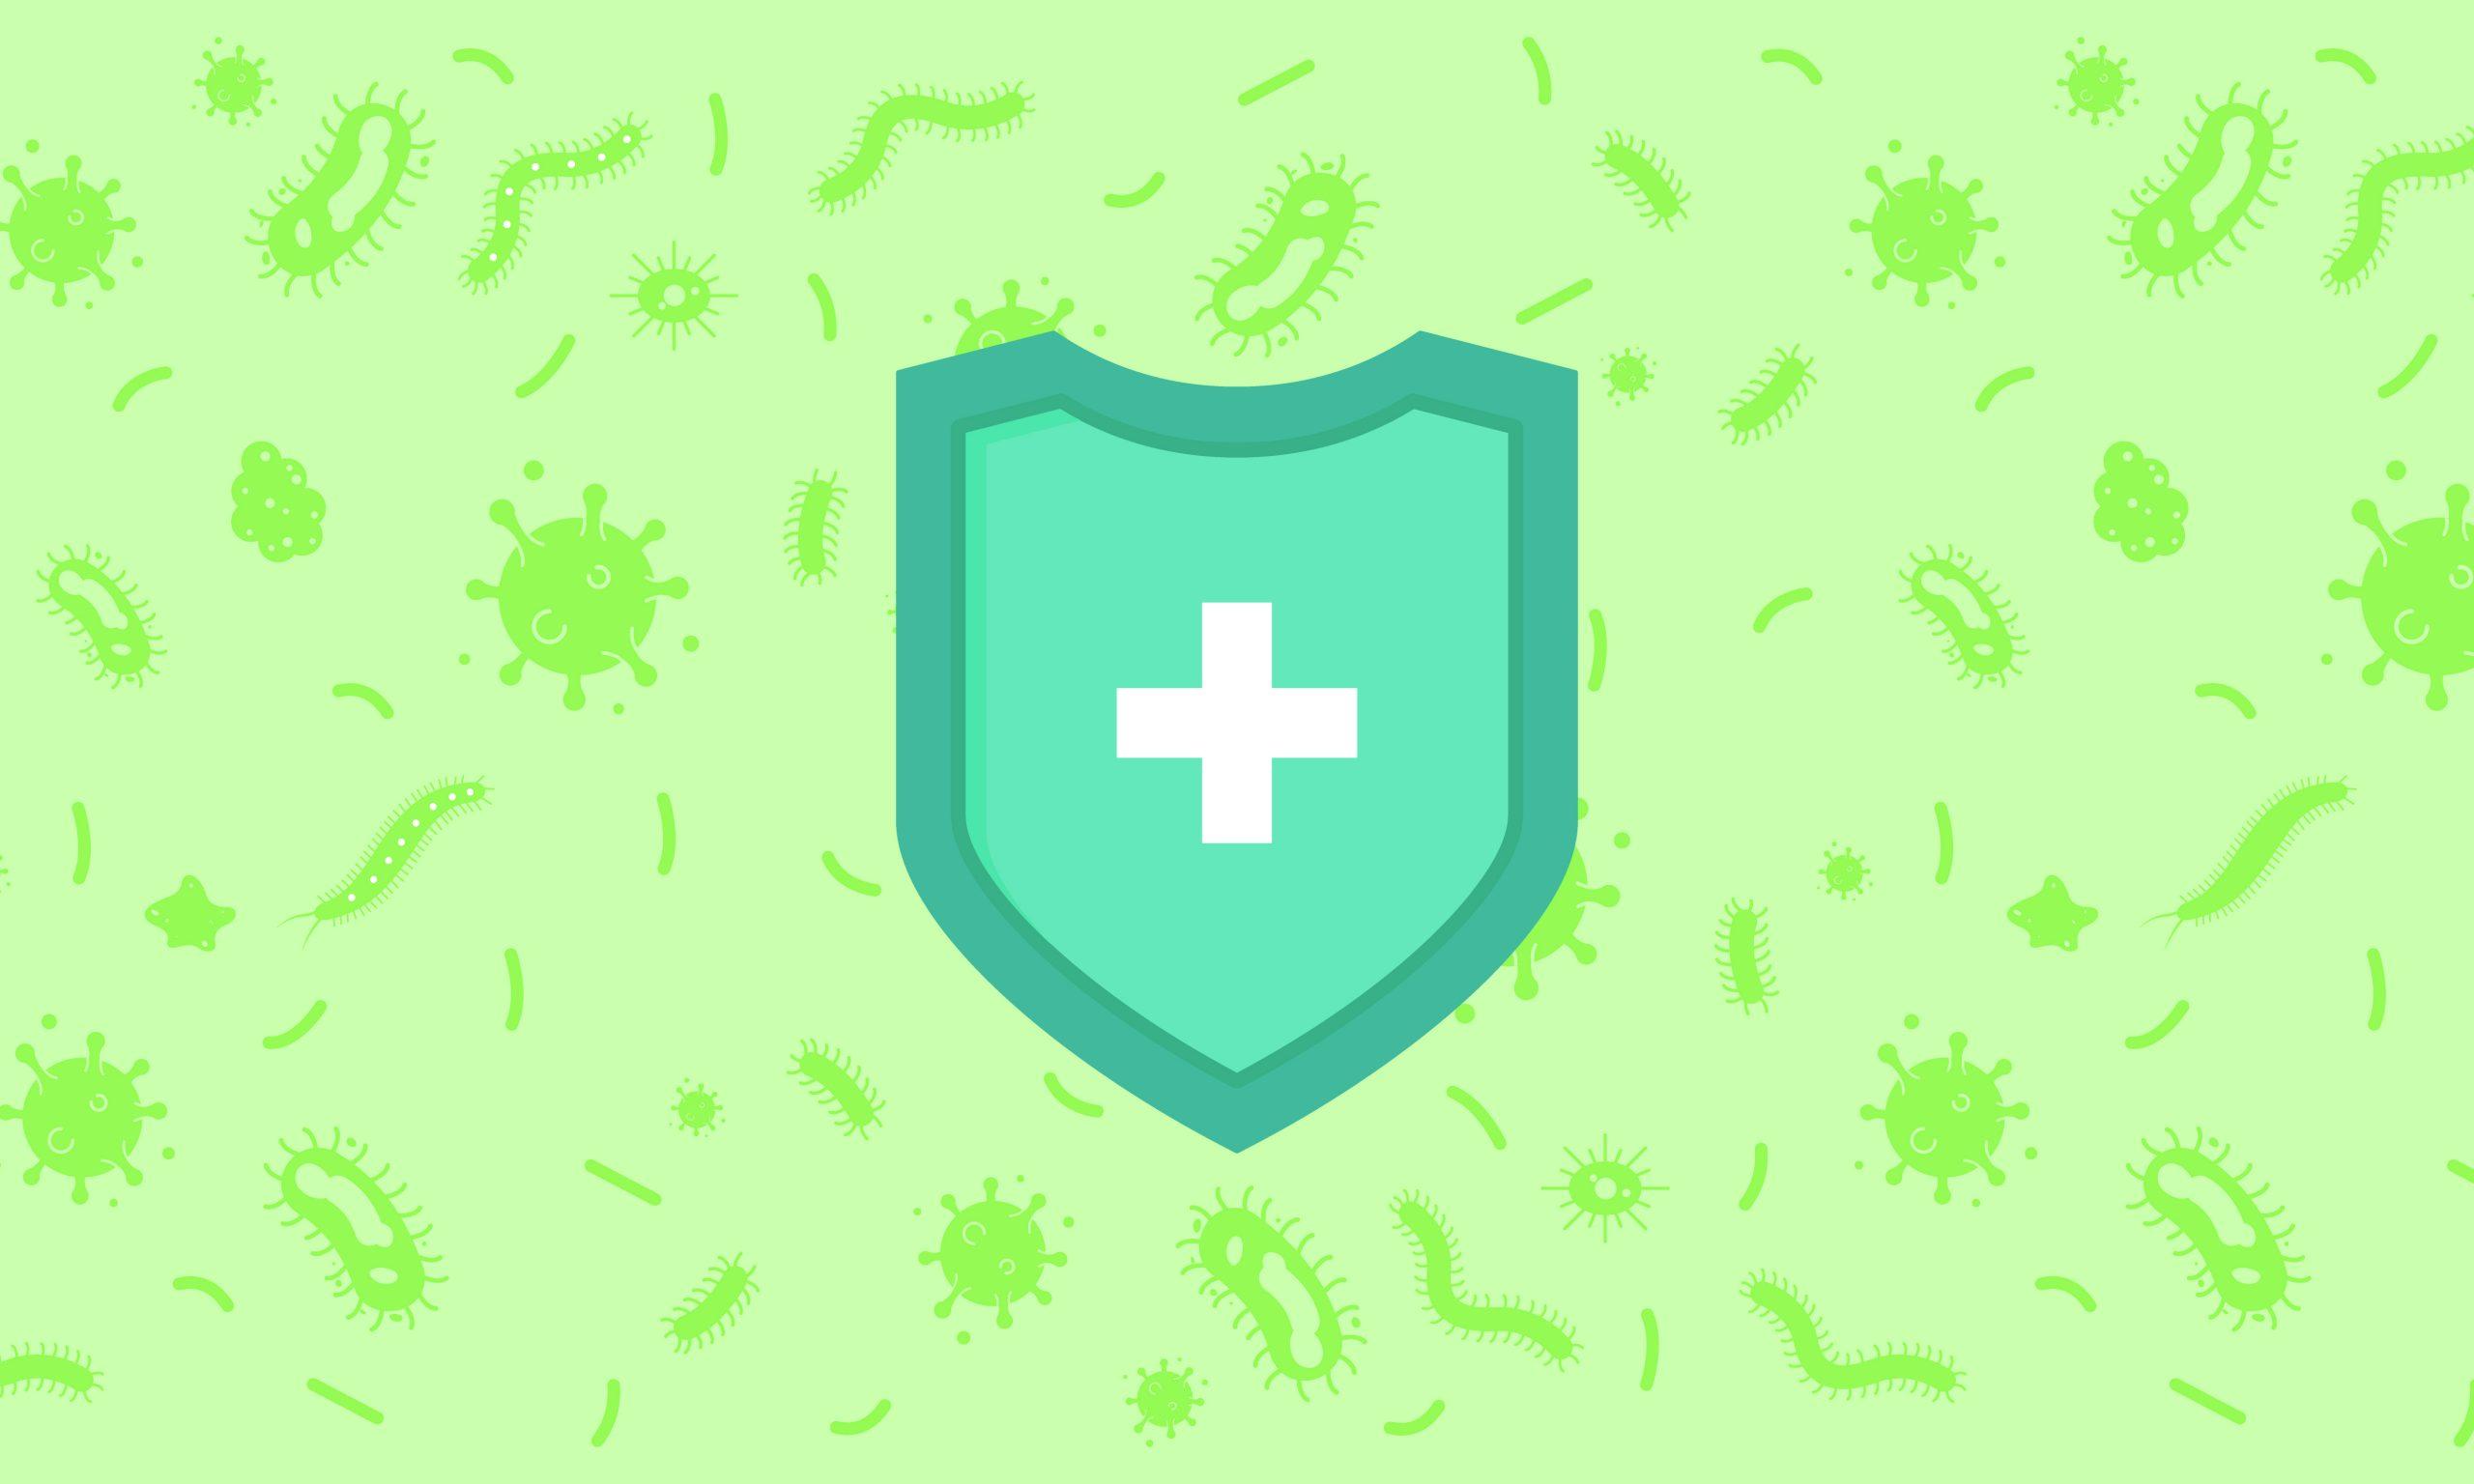 Escudo de proteção contra vírus